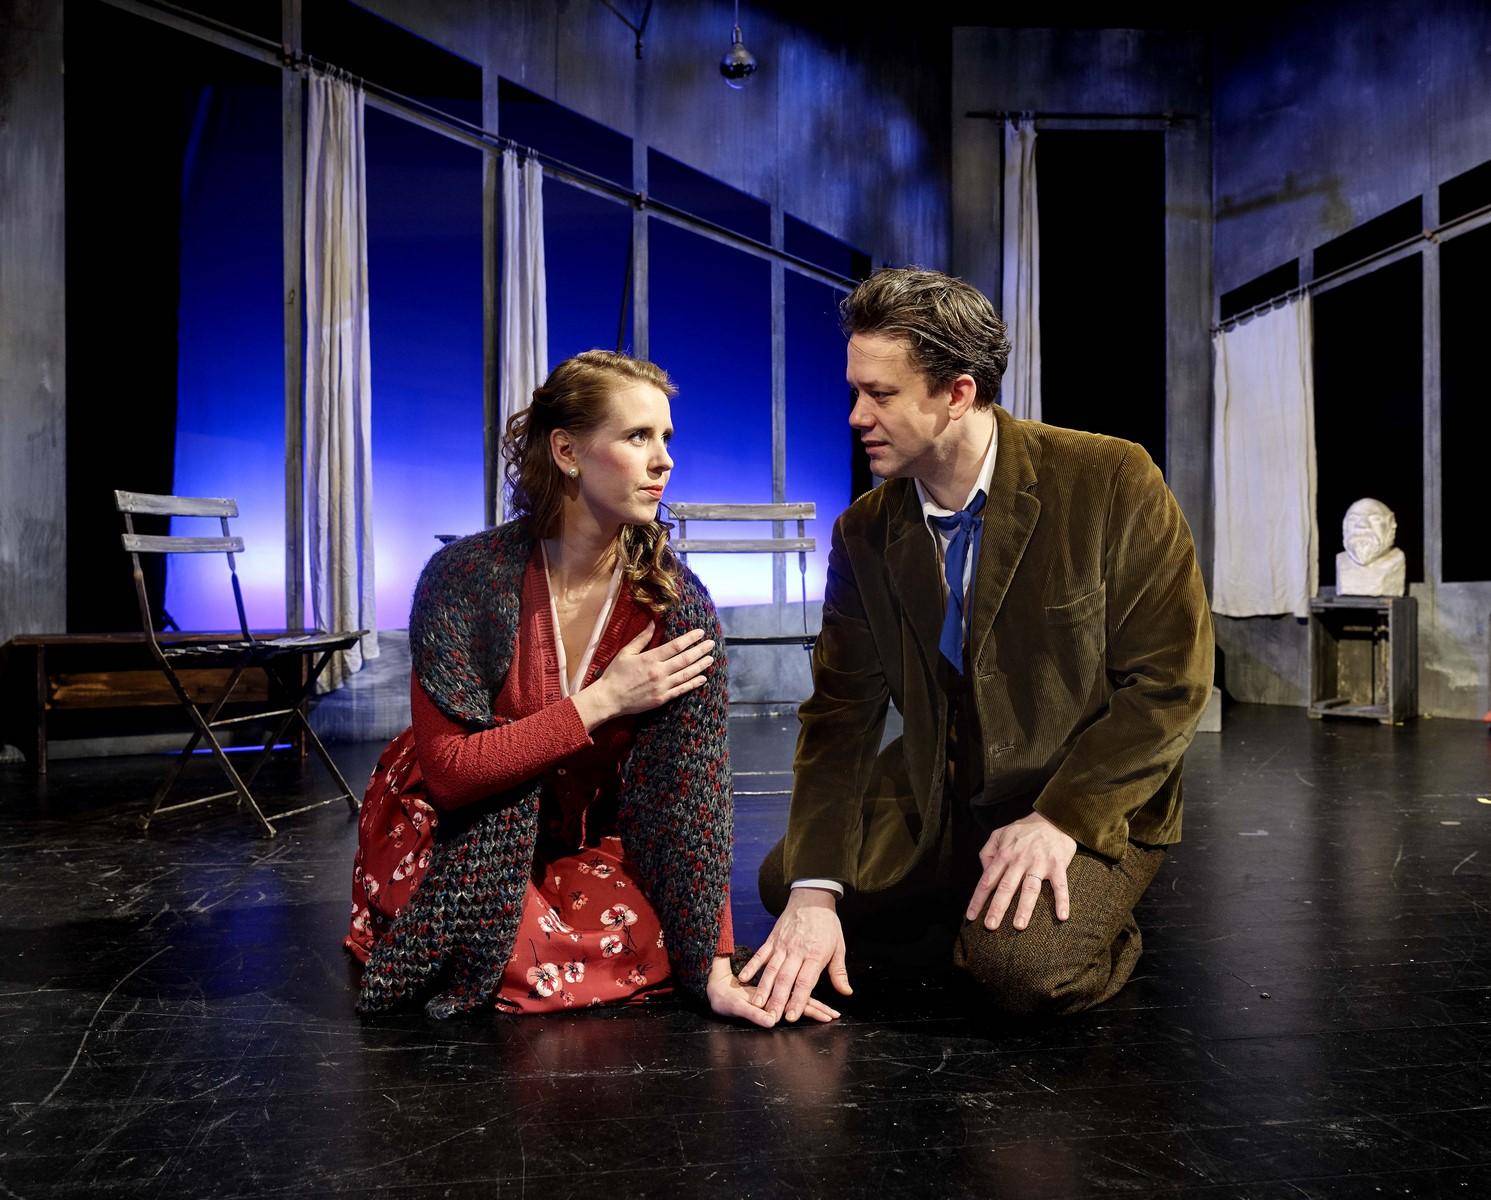 Anmeldelse: La Bohème (på dansk), Galaksen (Teater Undergrunden, Operaen i Midten og Den Fynske Opera)